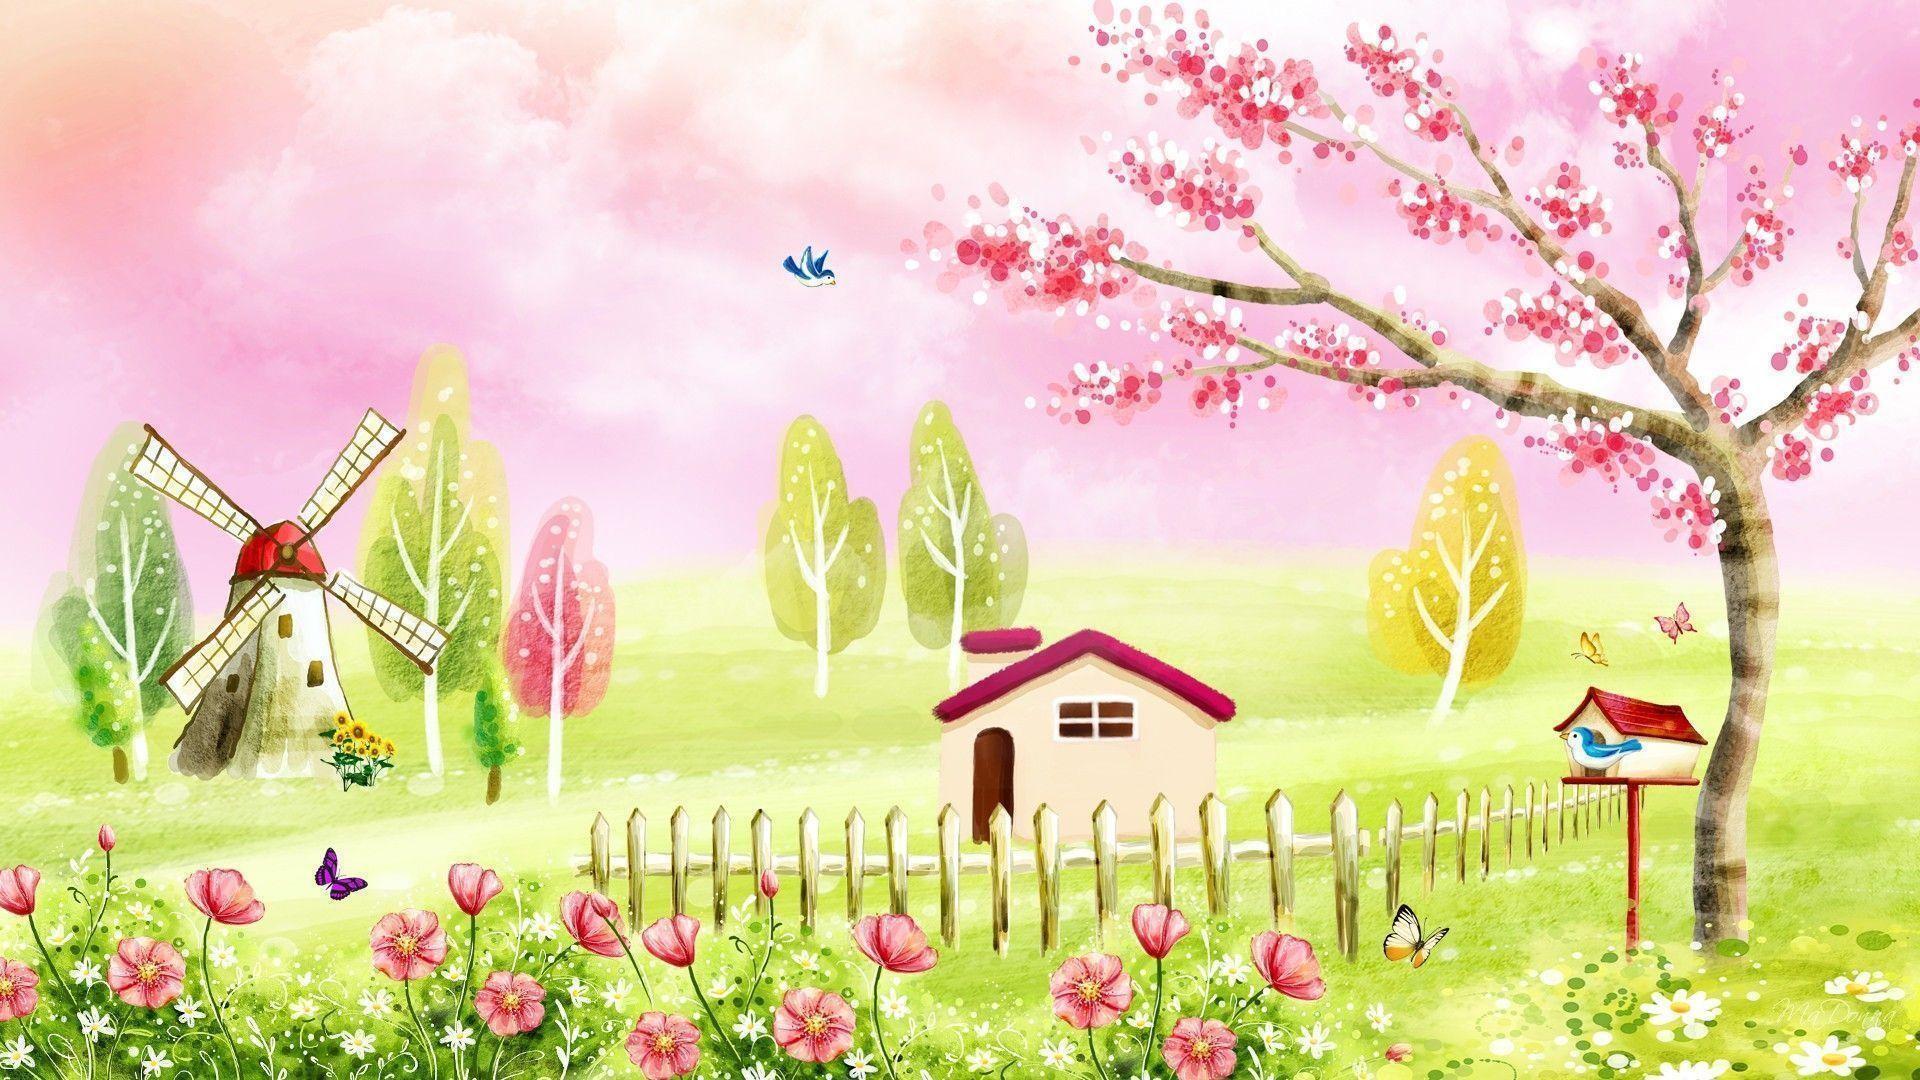 summer scenes wallpaper 46 images